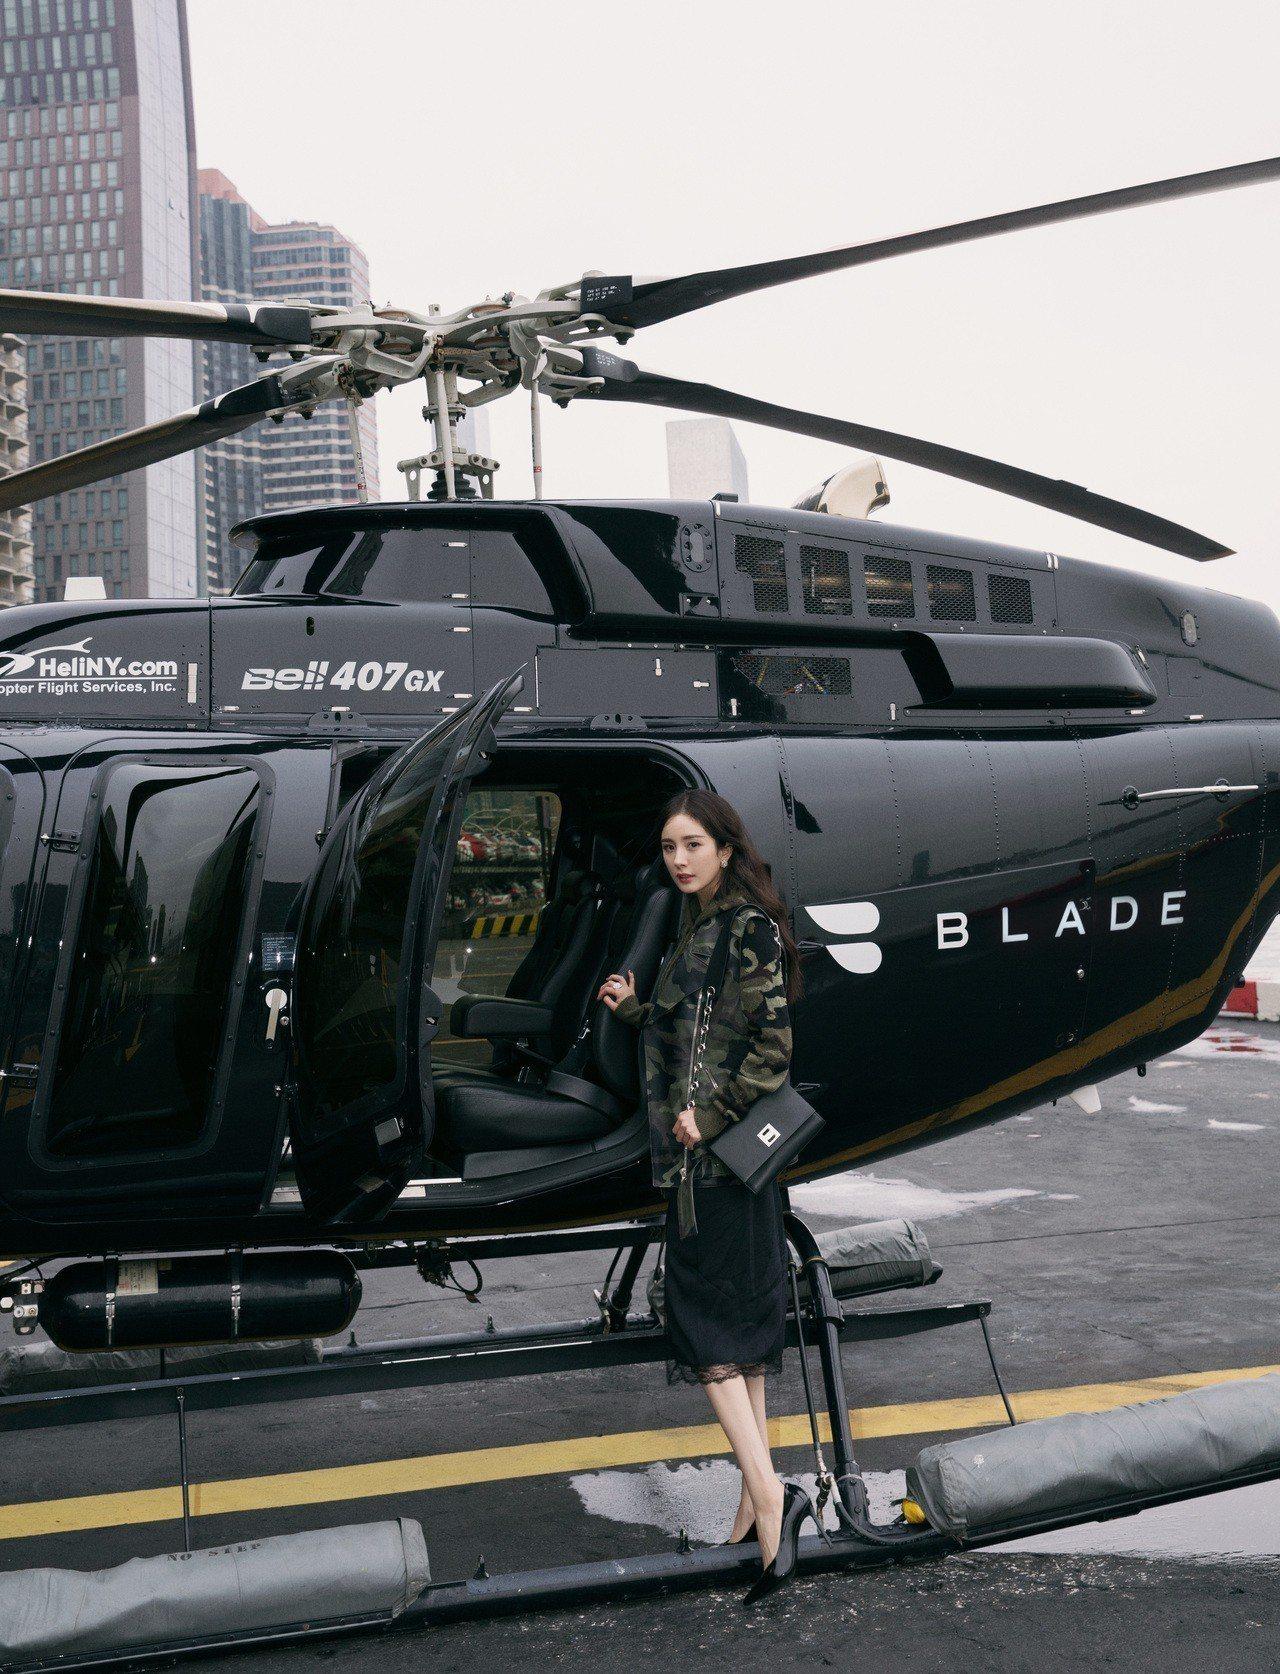 楊冪搭乘直升機前往轉乘私人飛機。圖/MICHAEL KORS提供